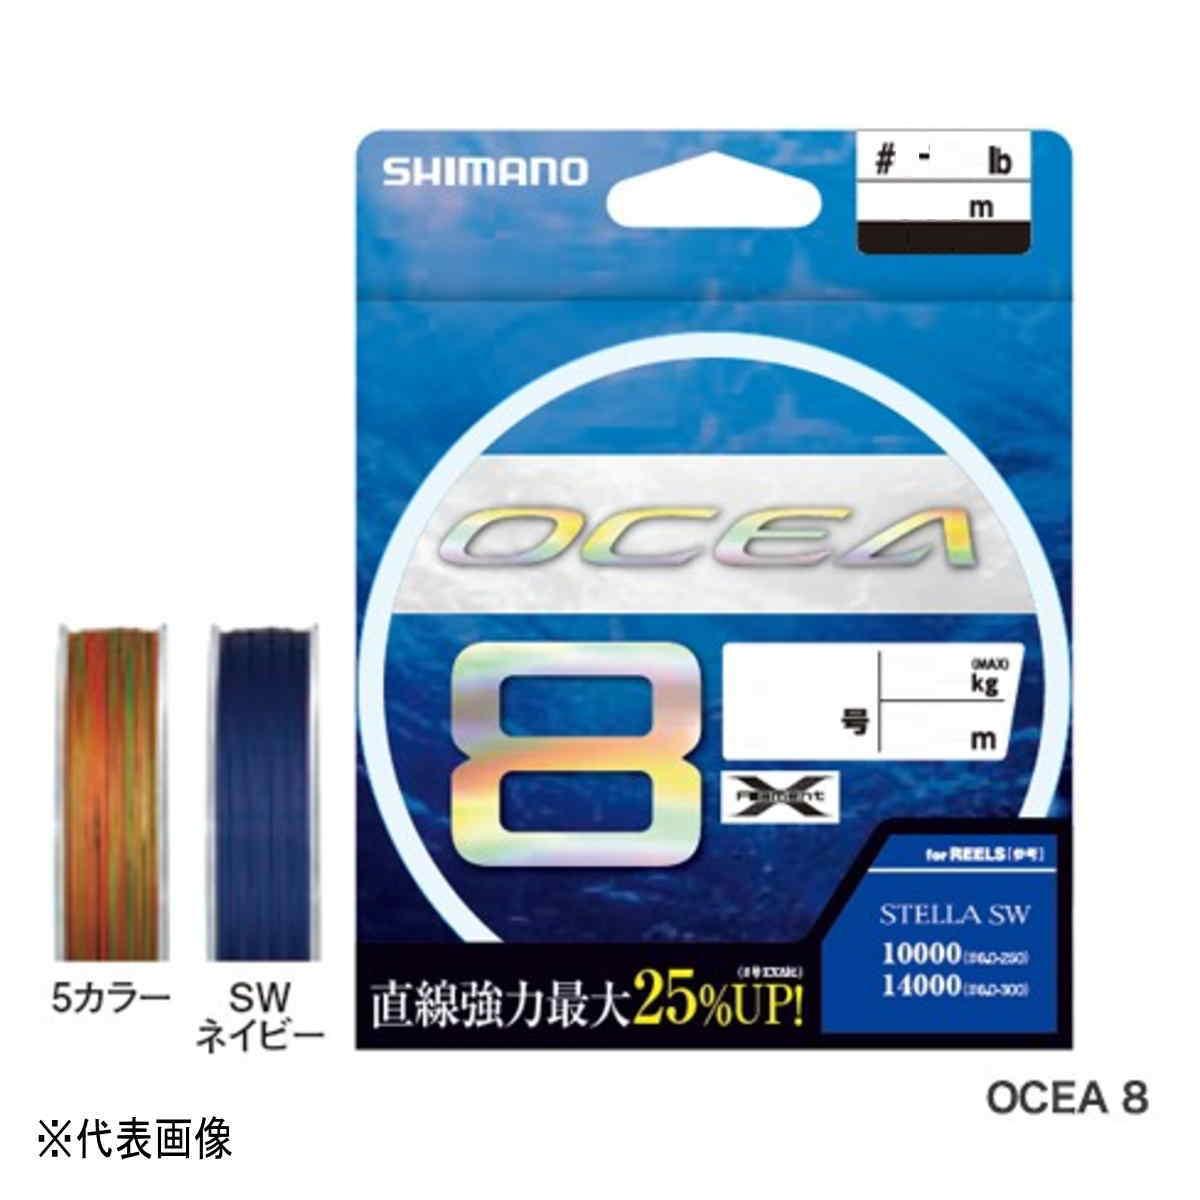 【送料無料4】シマノ PEライン オシア8 LD-A81S 400m 6.0号 5カラー